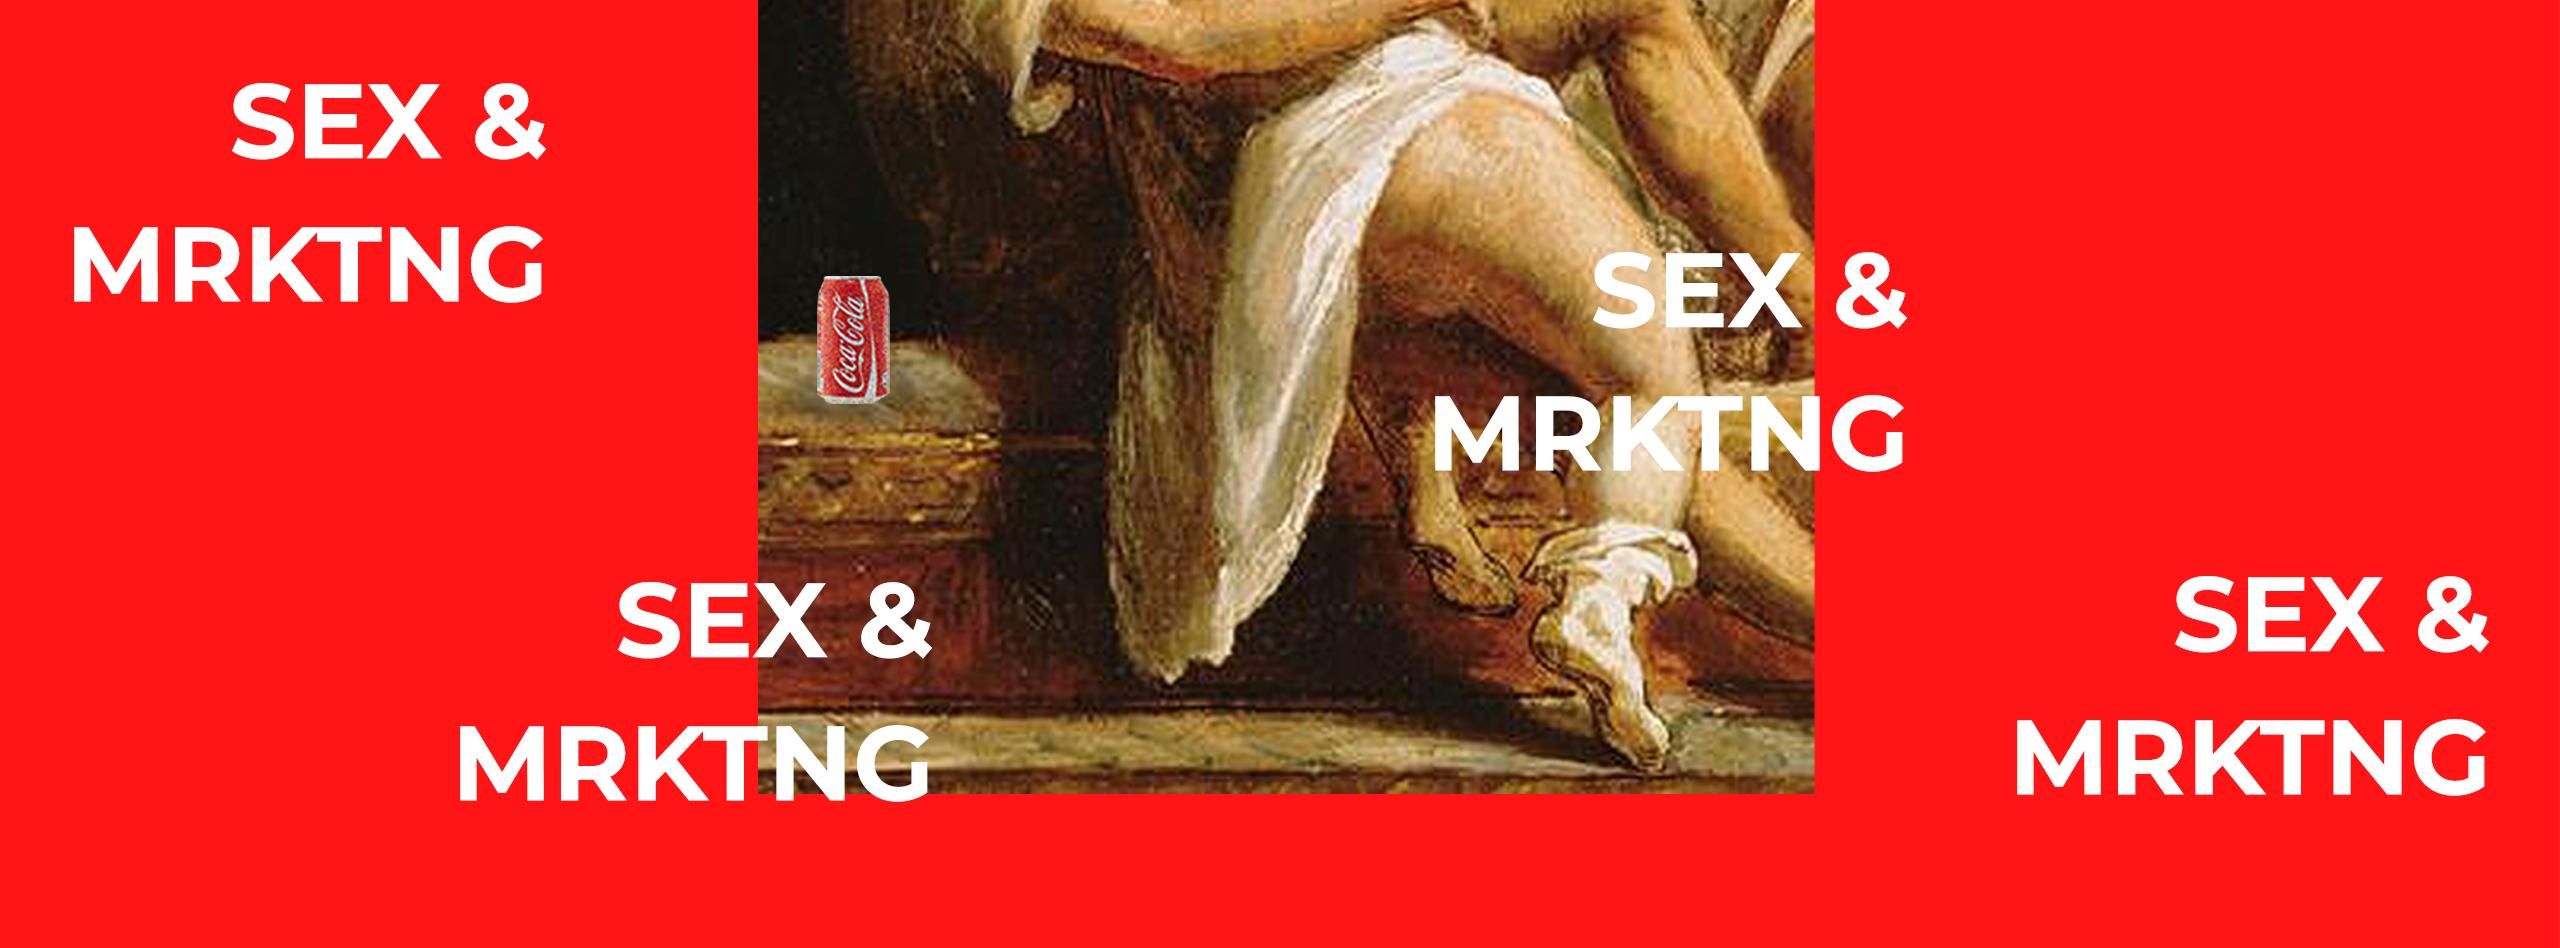 Фрейд не додумался, или Sex&Marketing